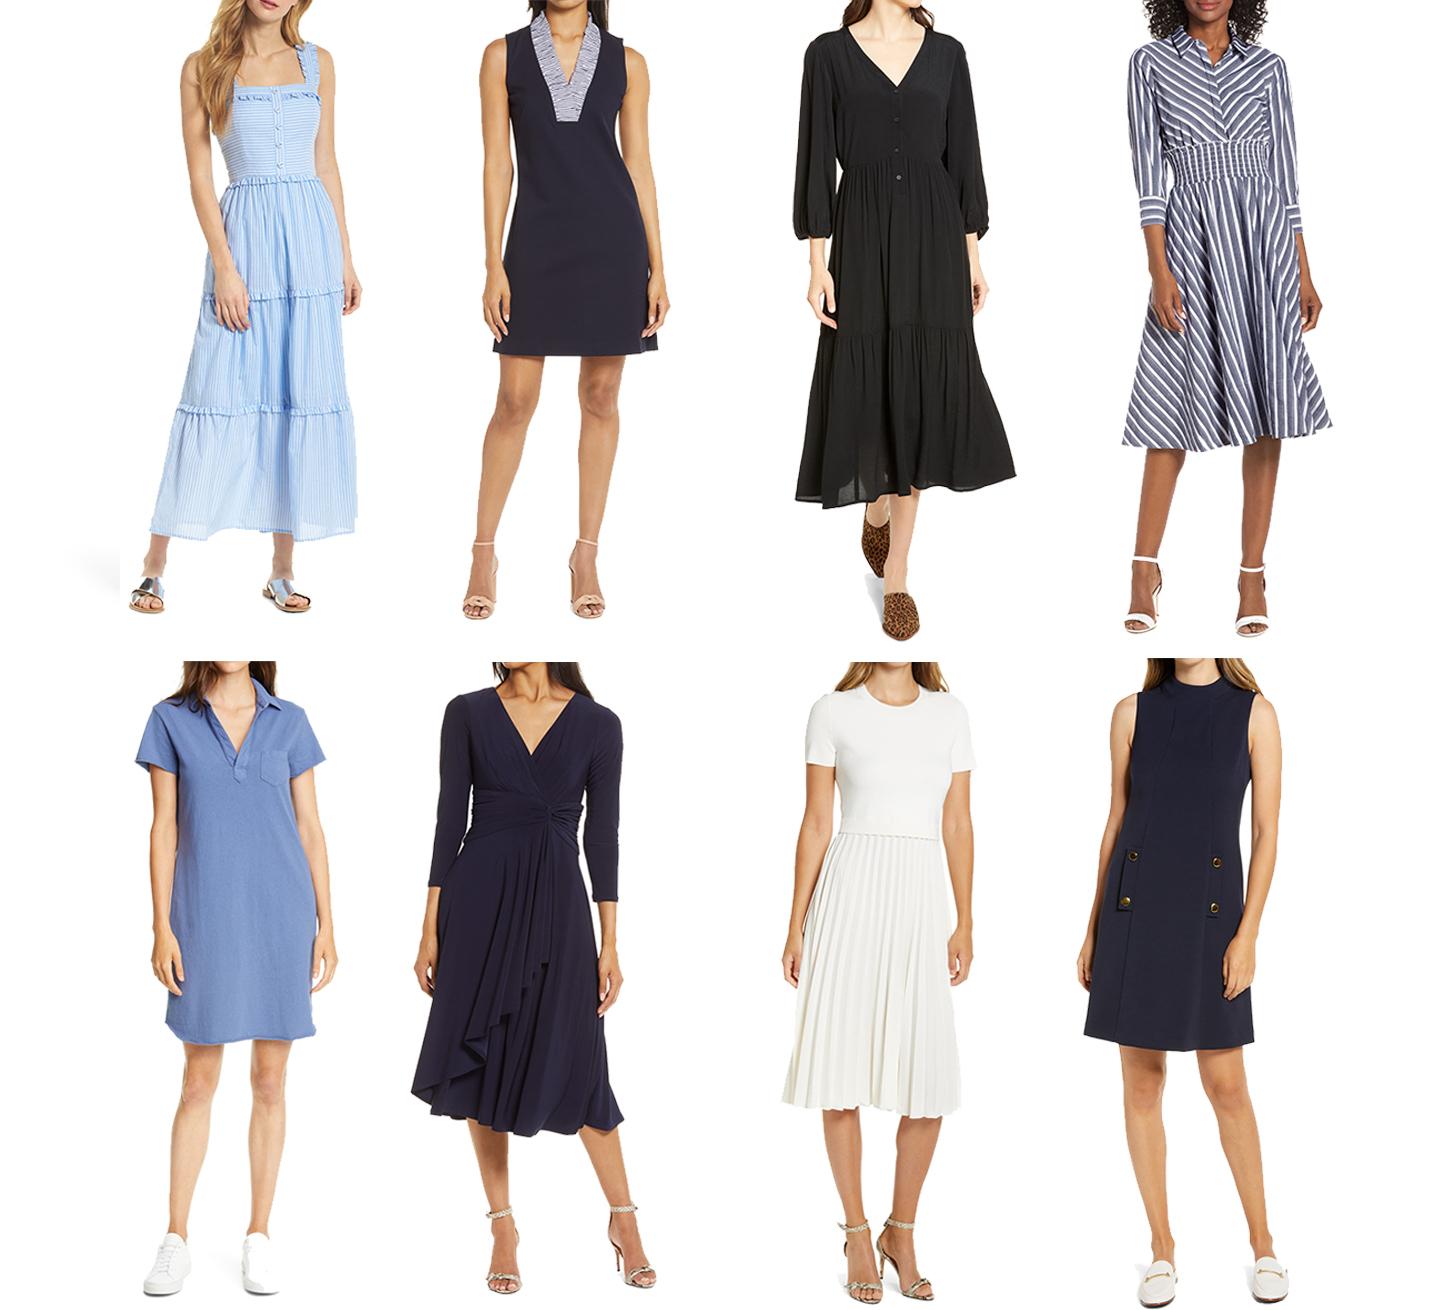 Dresses at Nordstrom